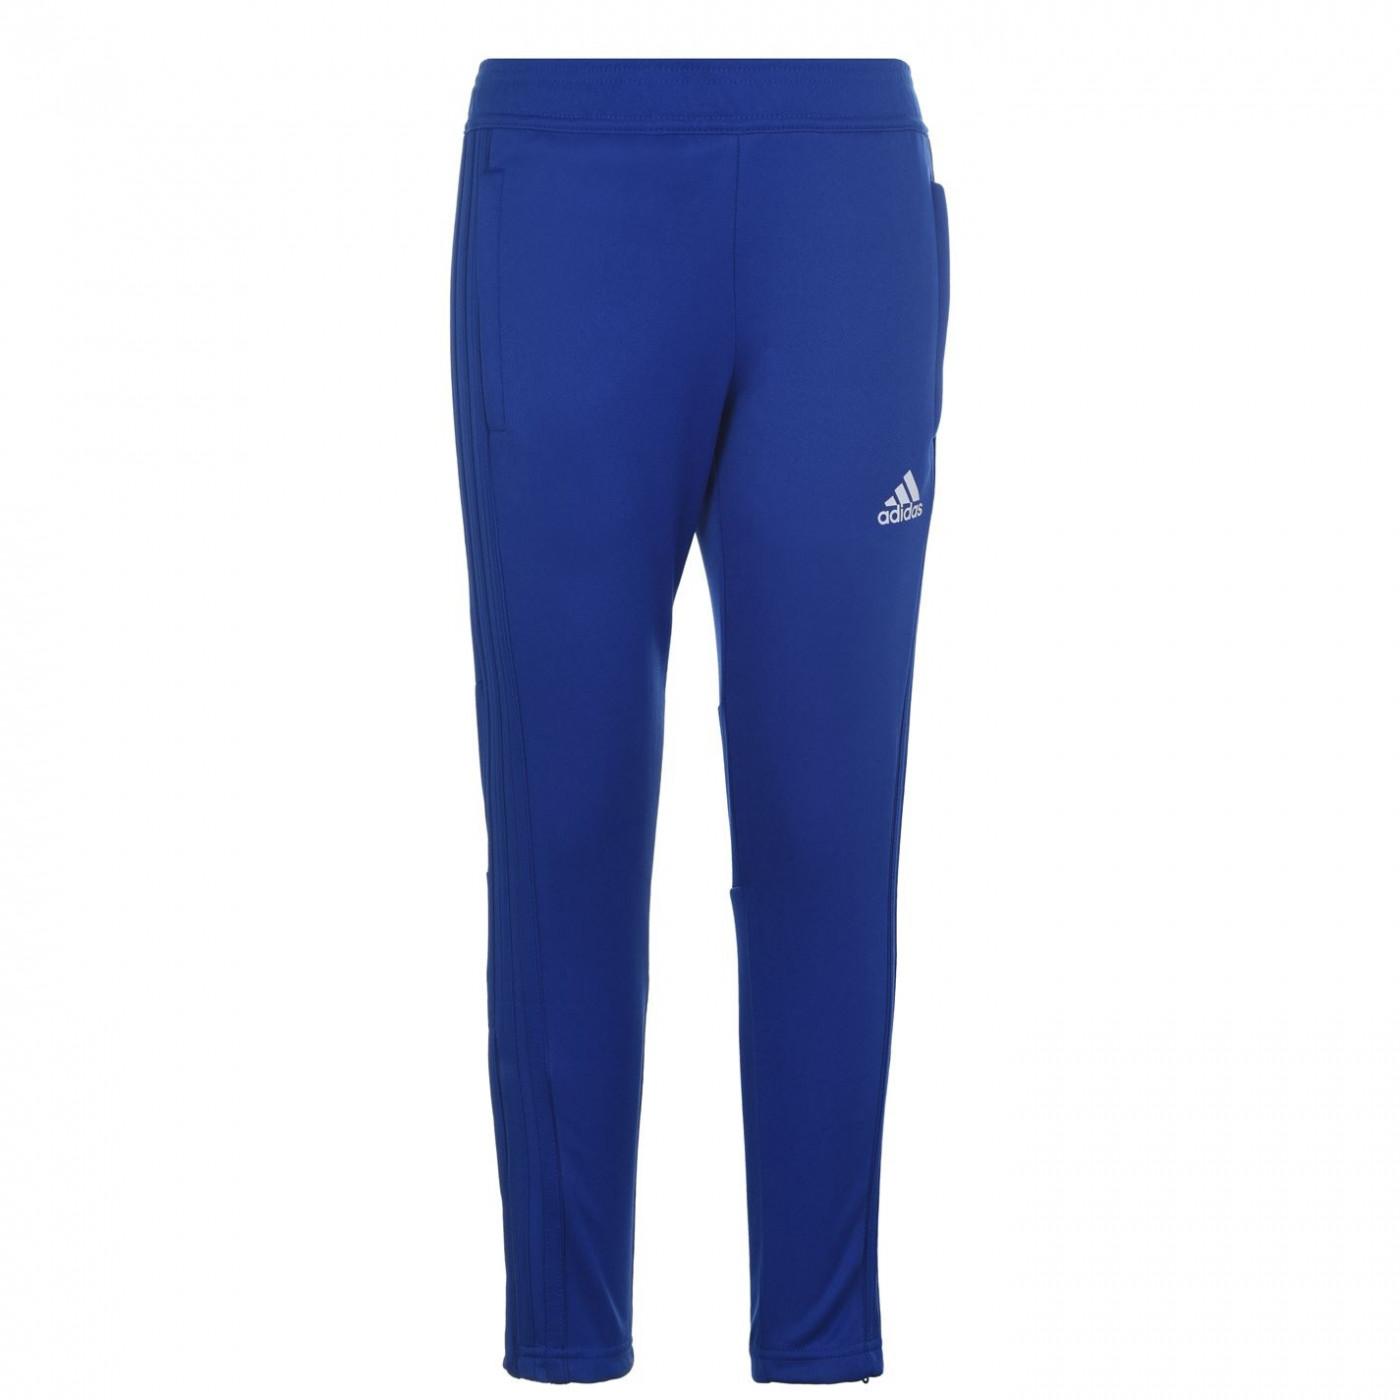 Adidas Condivo Training Tracksuit Bottoms Boys      (1 pair)